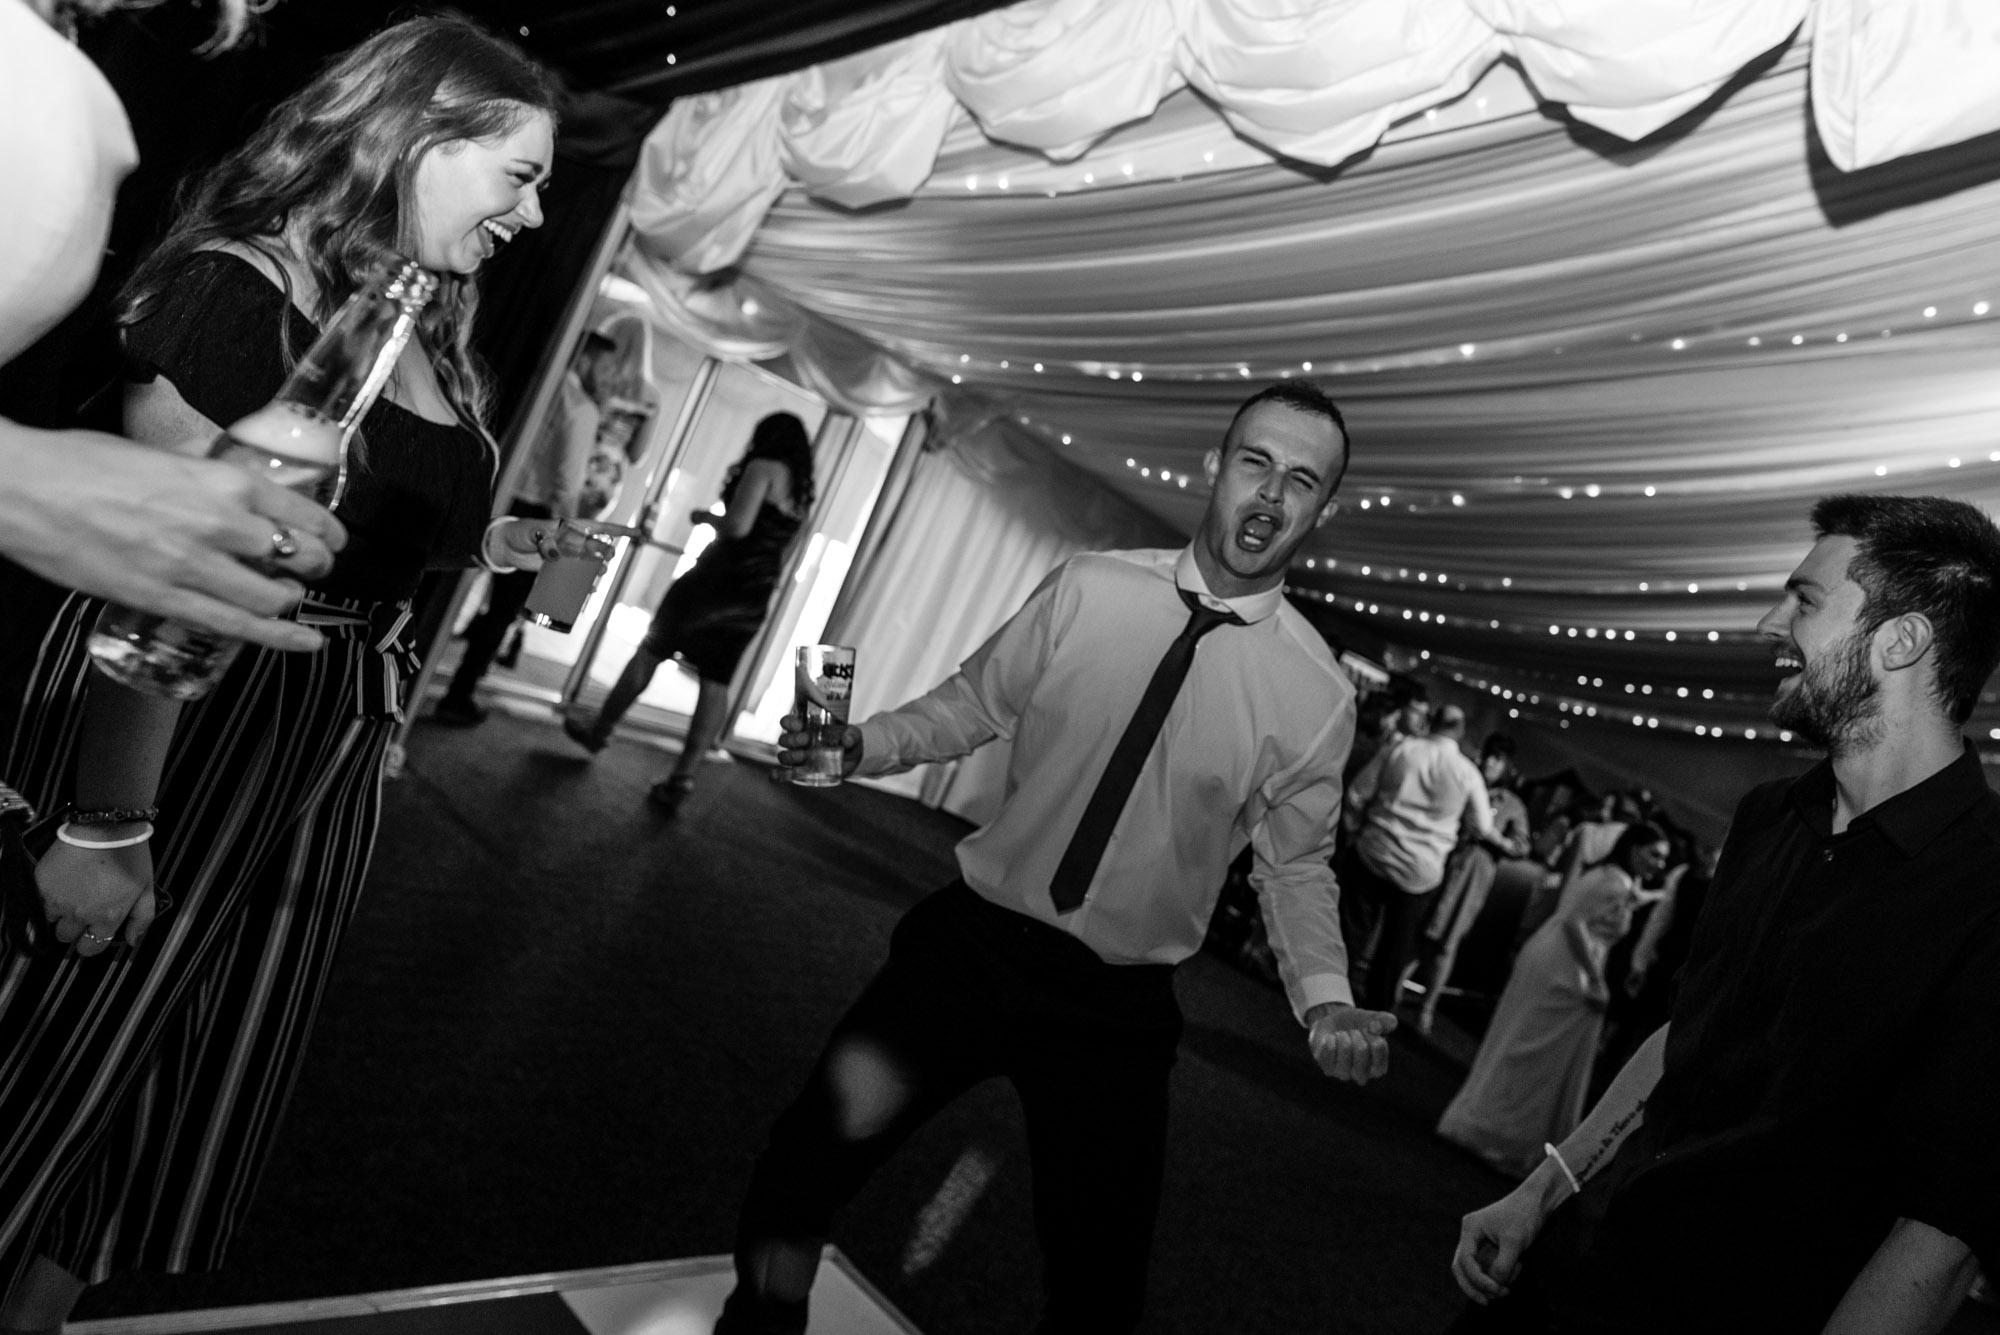 wedding guest having fun on the dance floor